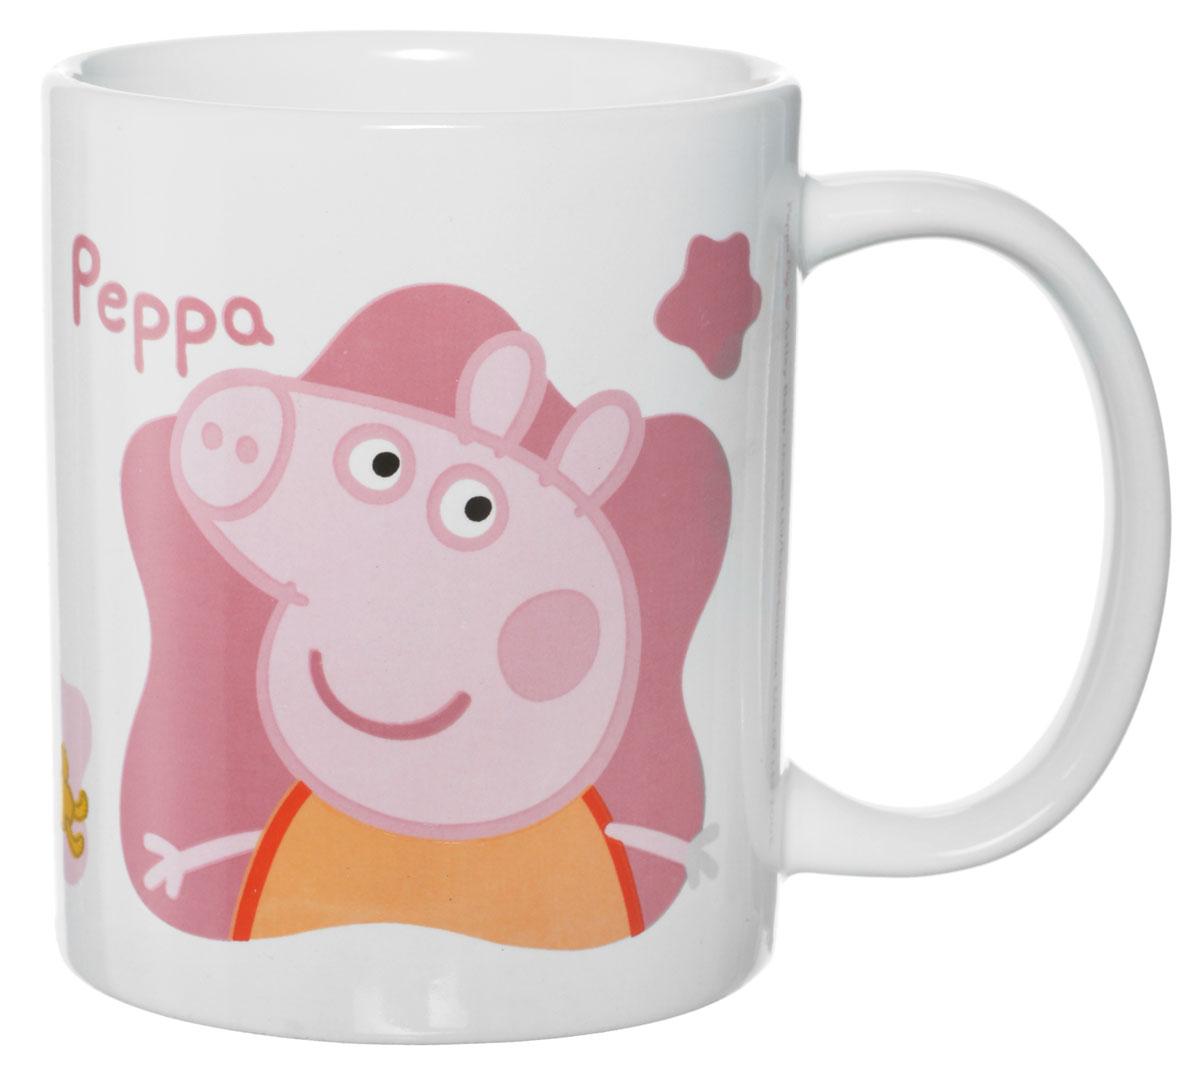 Peppa Pig Кружка 330 мл72706Кружка Peppa Pig идеально подойдет для вашего ребенка. Она выполнена из керамики и оформлена изображением Свинки Пеппы. Удобная ручка позволит ребенку самостоятельно держать чашку. Допустимо использование в посудомоечной машине и СВЧ, не использовать на открытом огне.